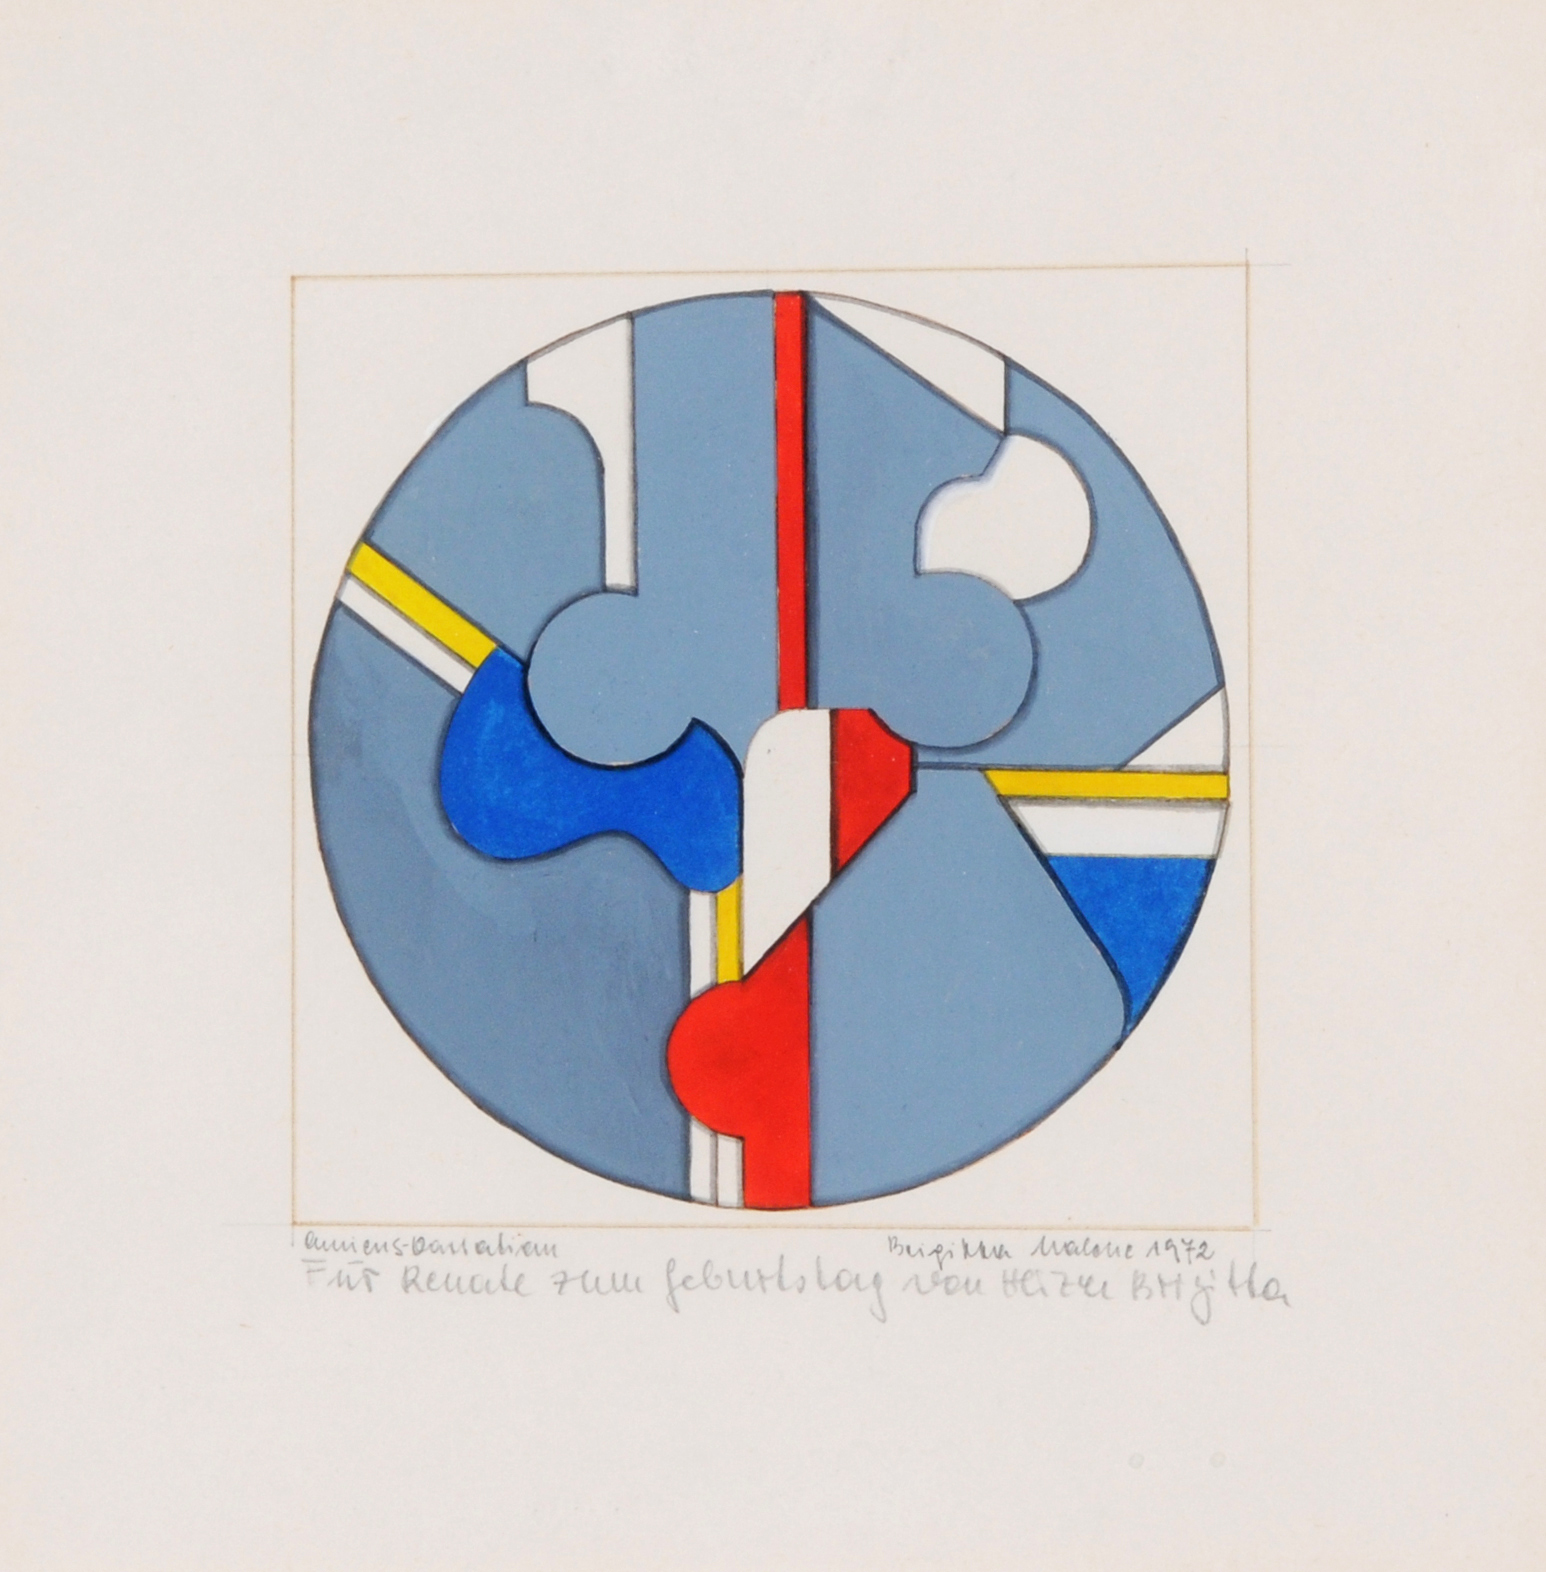 Malche Brigitta, 2 paintings: Untitled, 1972; Gemäldebild V., 1973